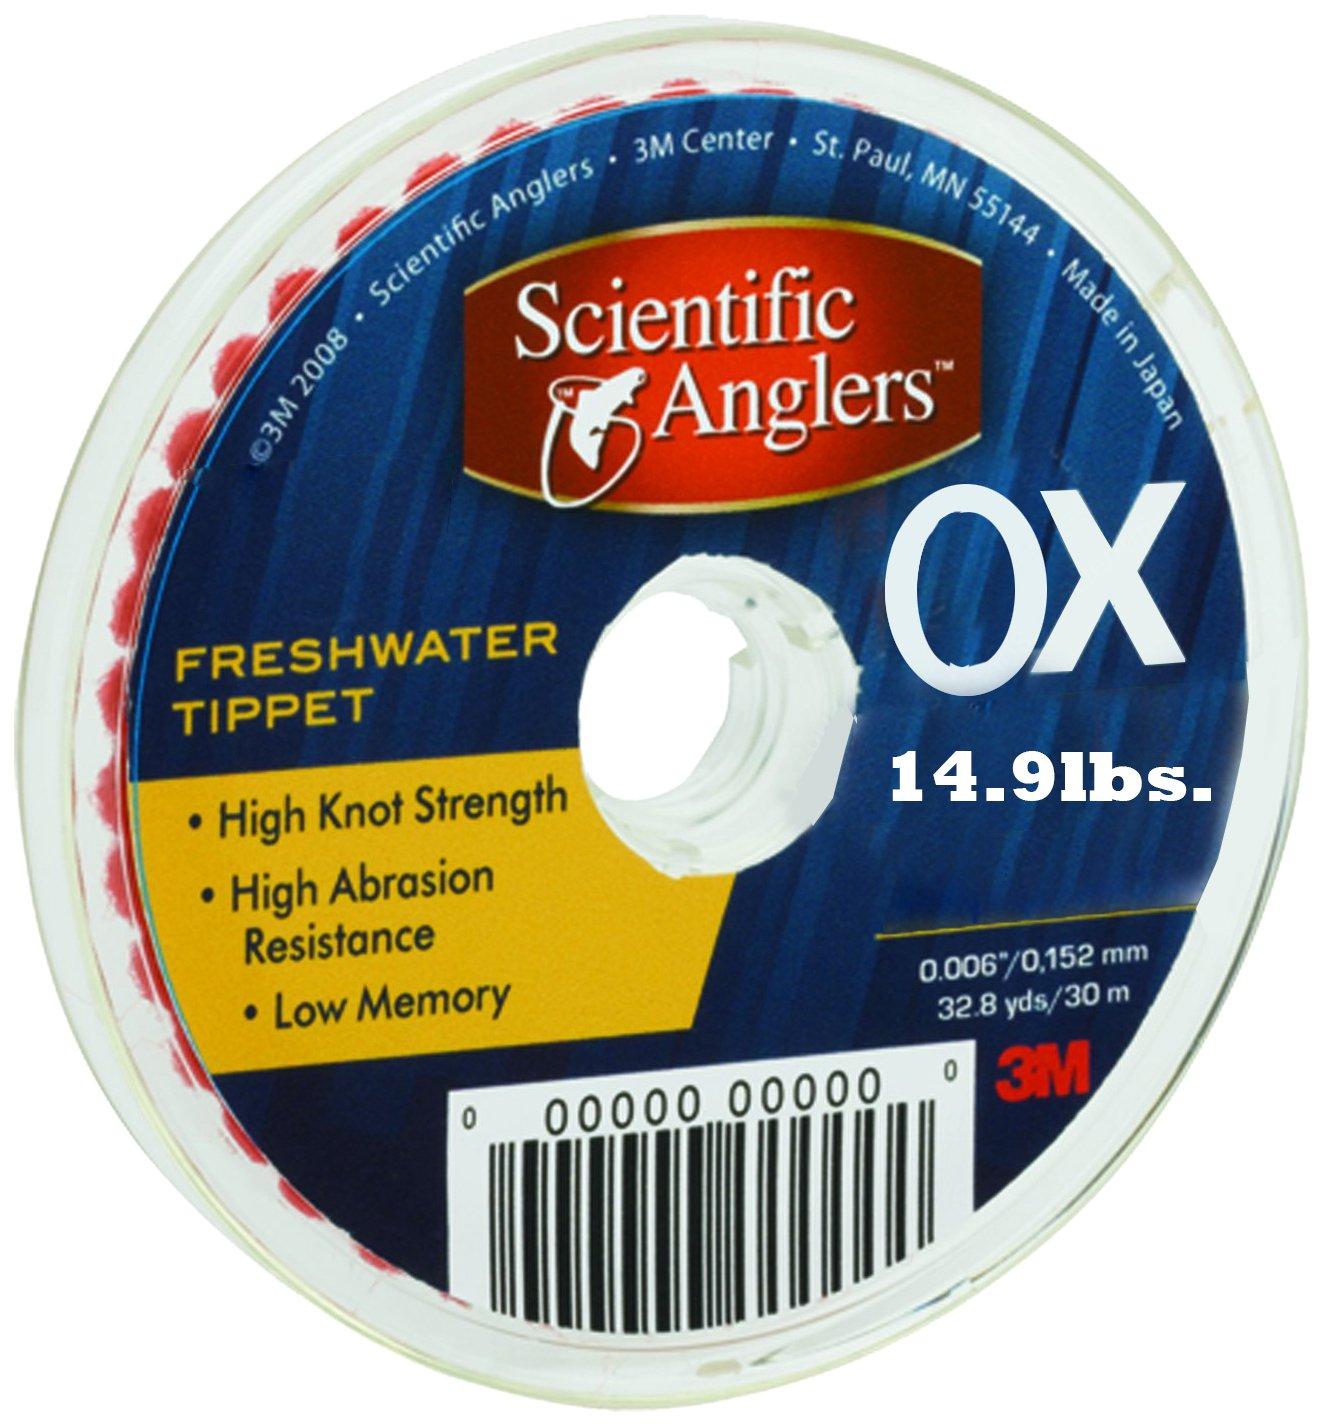 【500円引きクーポン】 3 M Scientific Anglers Scientific 186699淡水ティペットwith 30メートルスプール Anglers、0 X 3、クリア B000NLBA8M, マナツルマチ:7dd23888 --- a0267596.xsph.ru